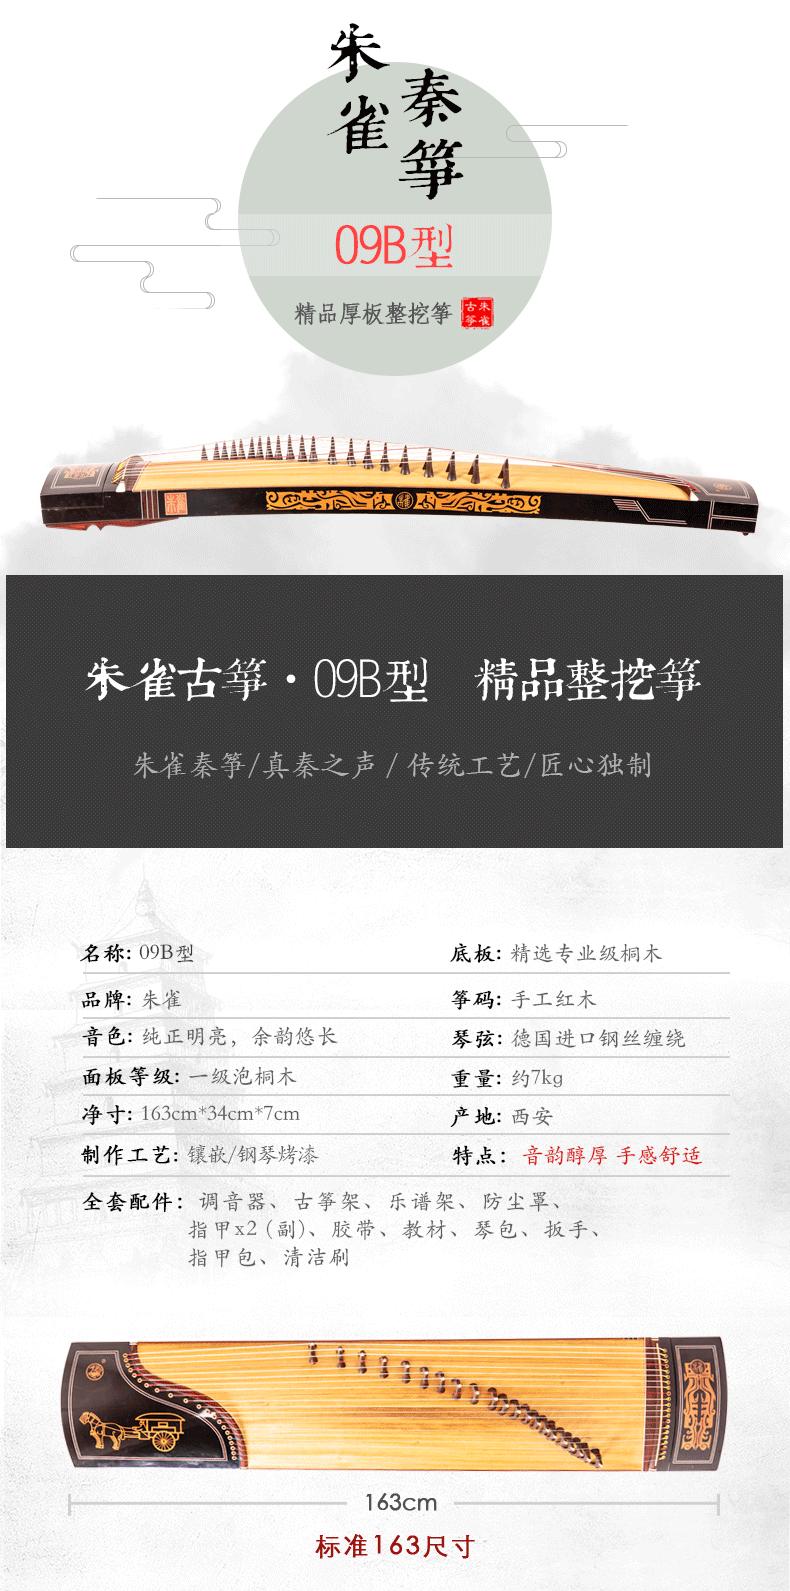 朱雀古筝09B型